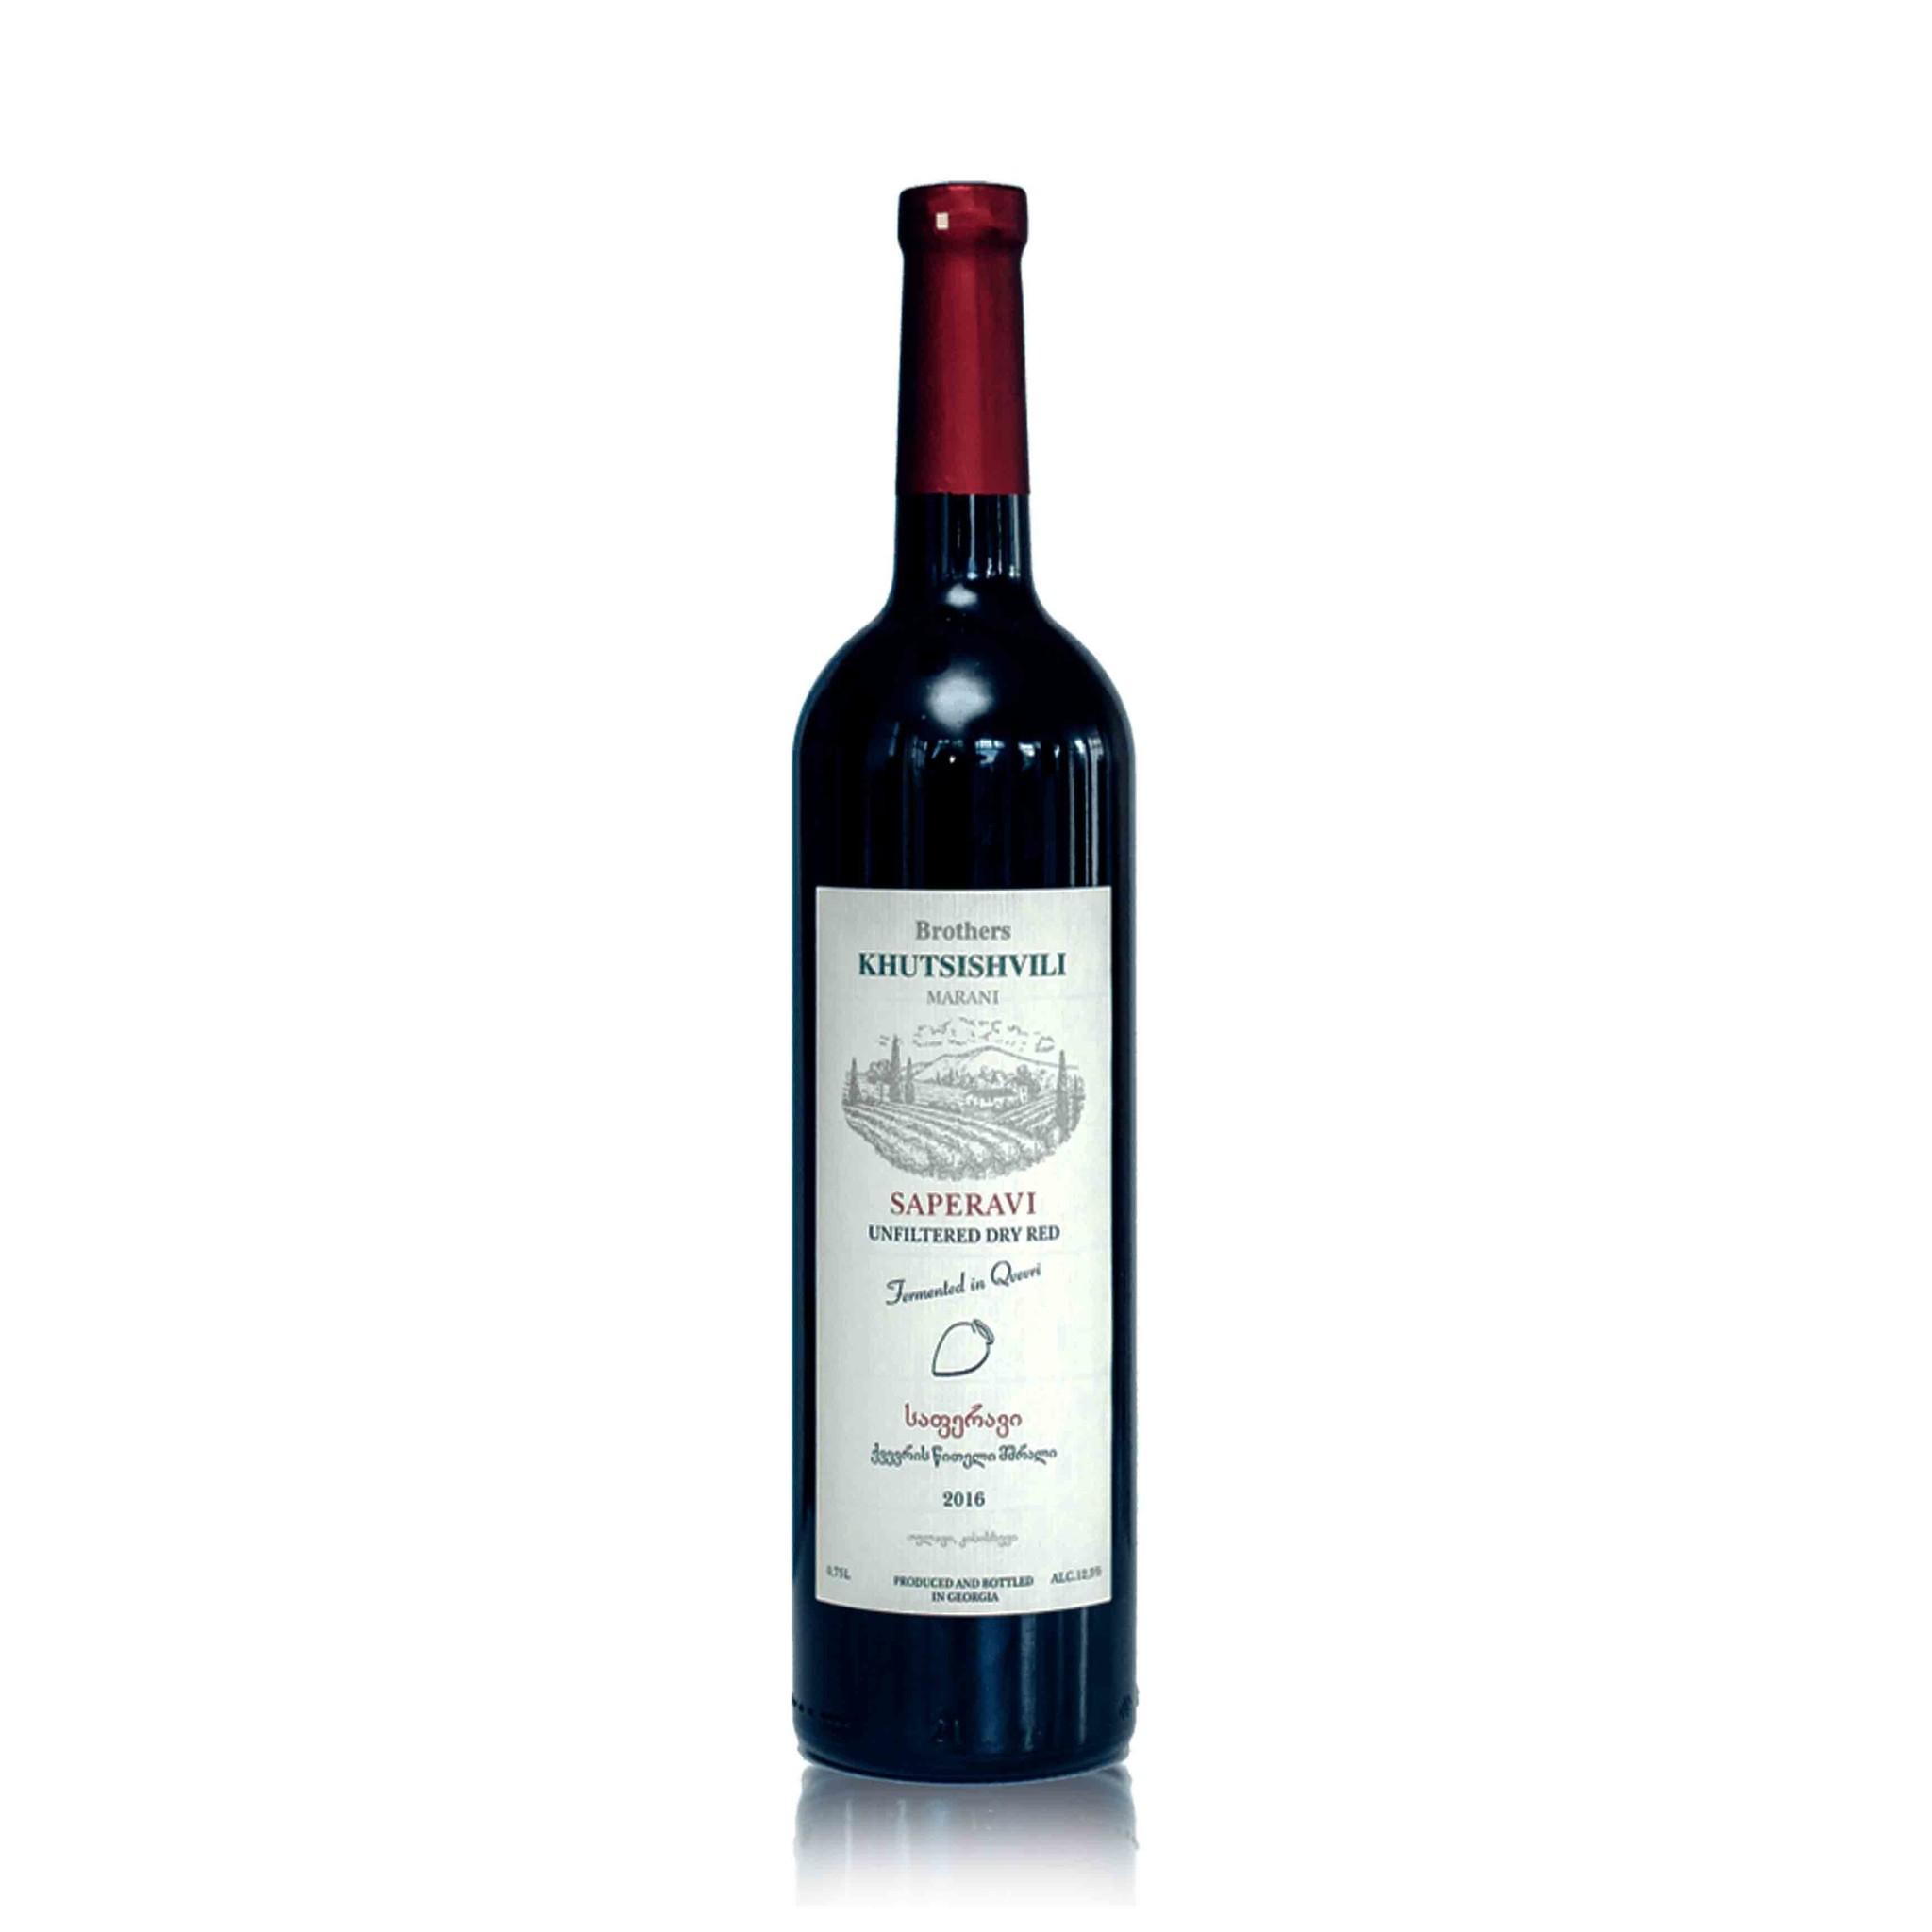 Brothers KHUTSISHVILI Saperavi, Red-dry Qvevri wine Khutsishvili